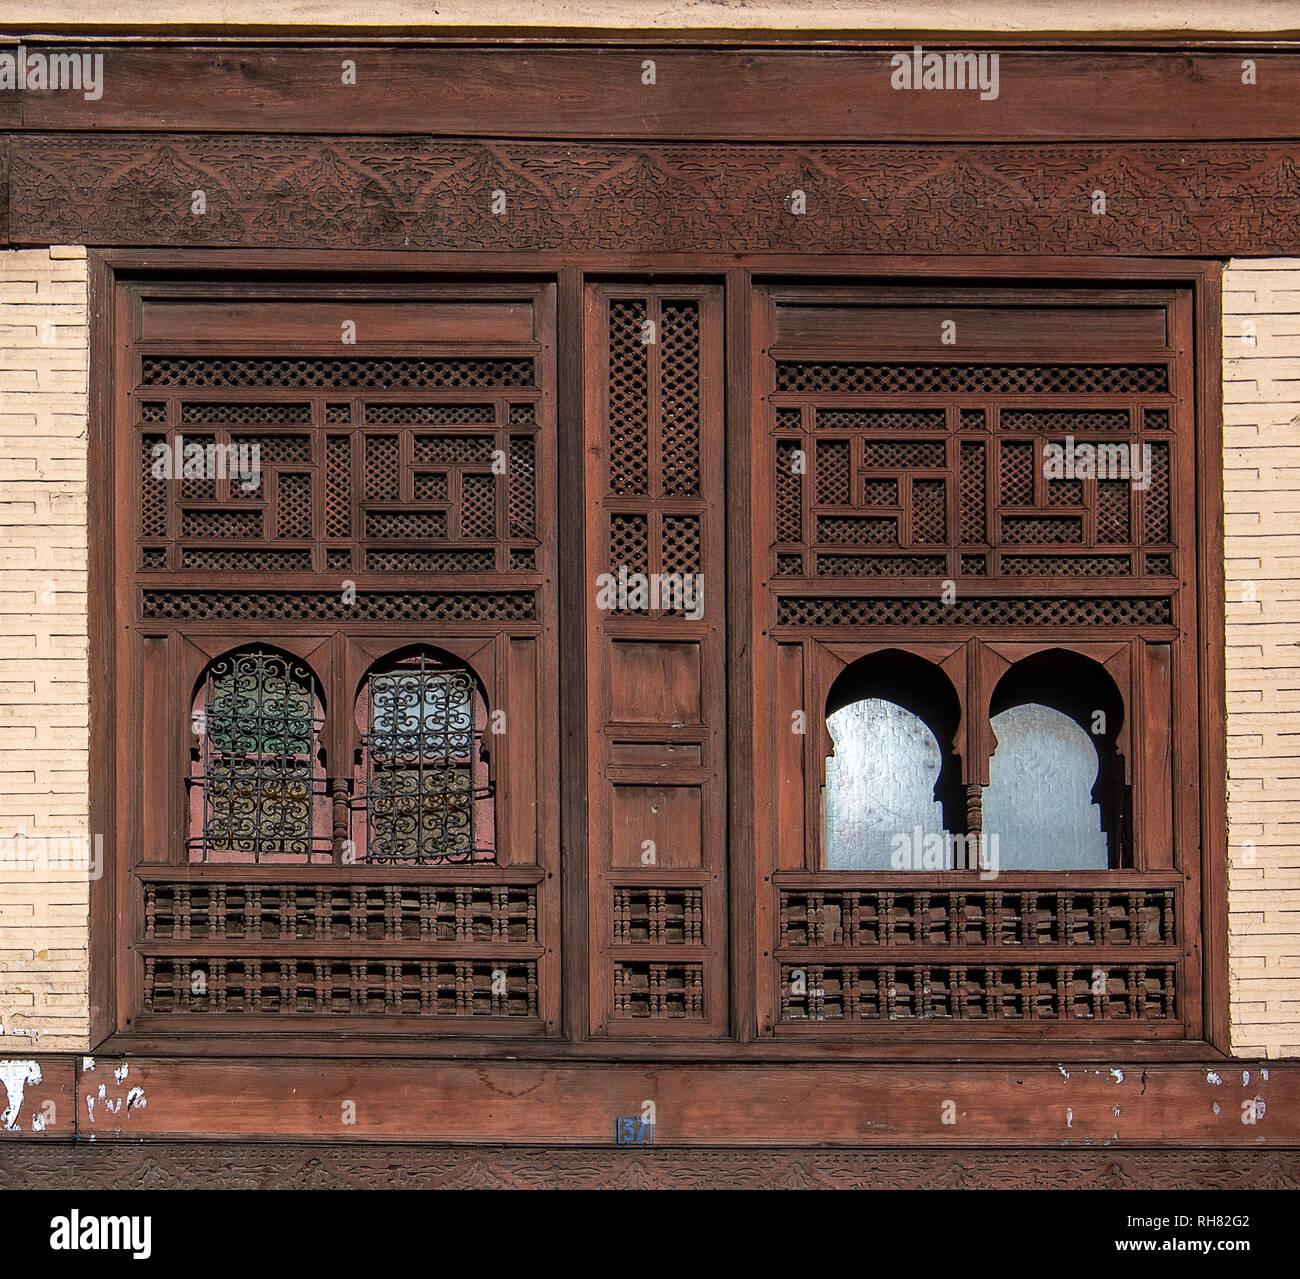 Carrelage Mural Sur Bois fenêtres en bois et de carrelage mural et de sol de mosaïque